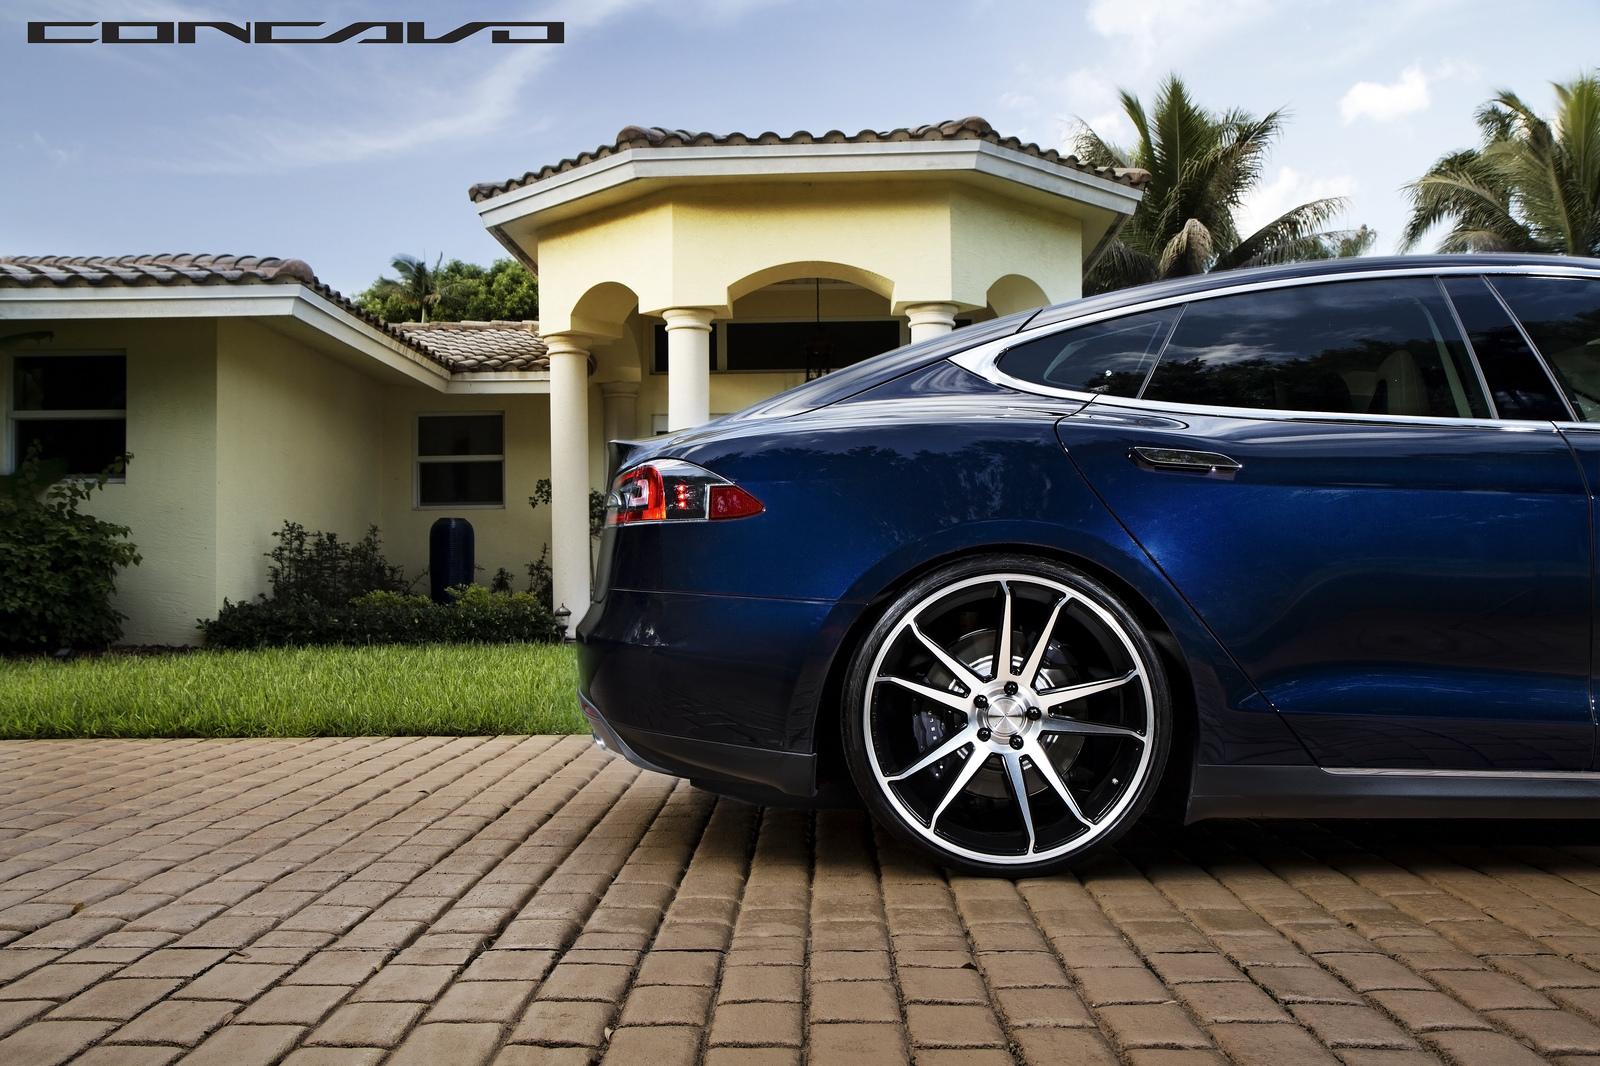 Tesla-Model-S-Concavo-22inch-Wheels-Rear